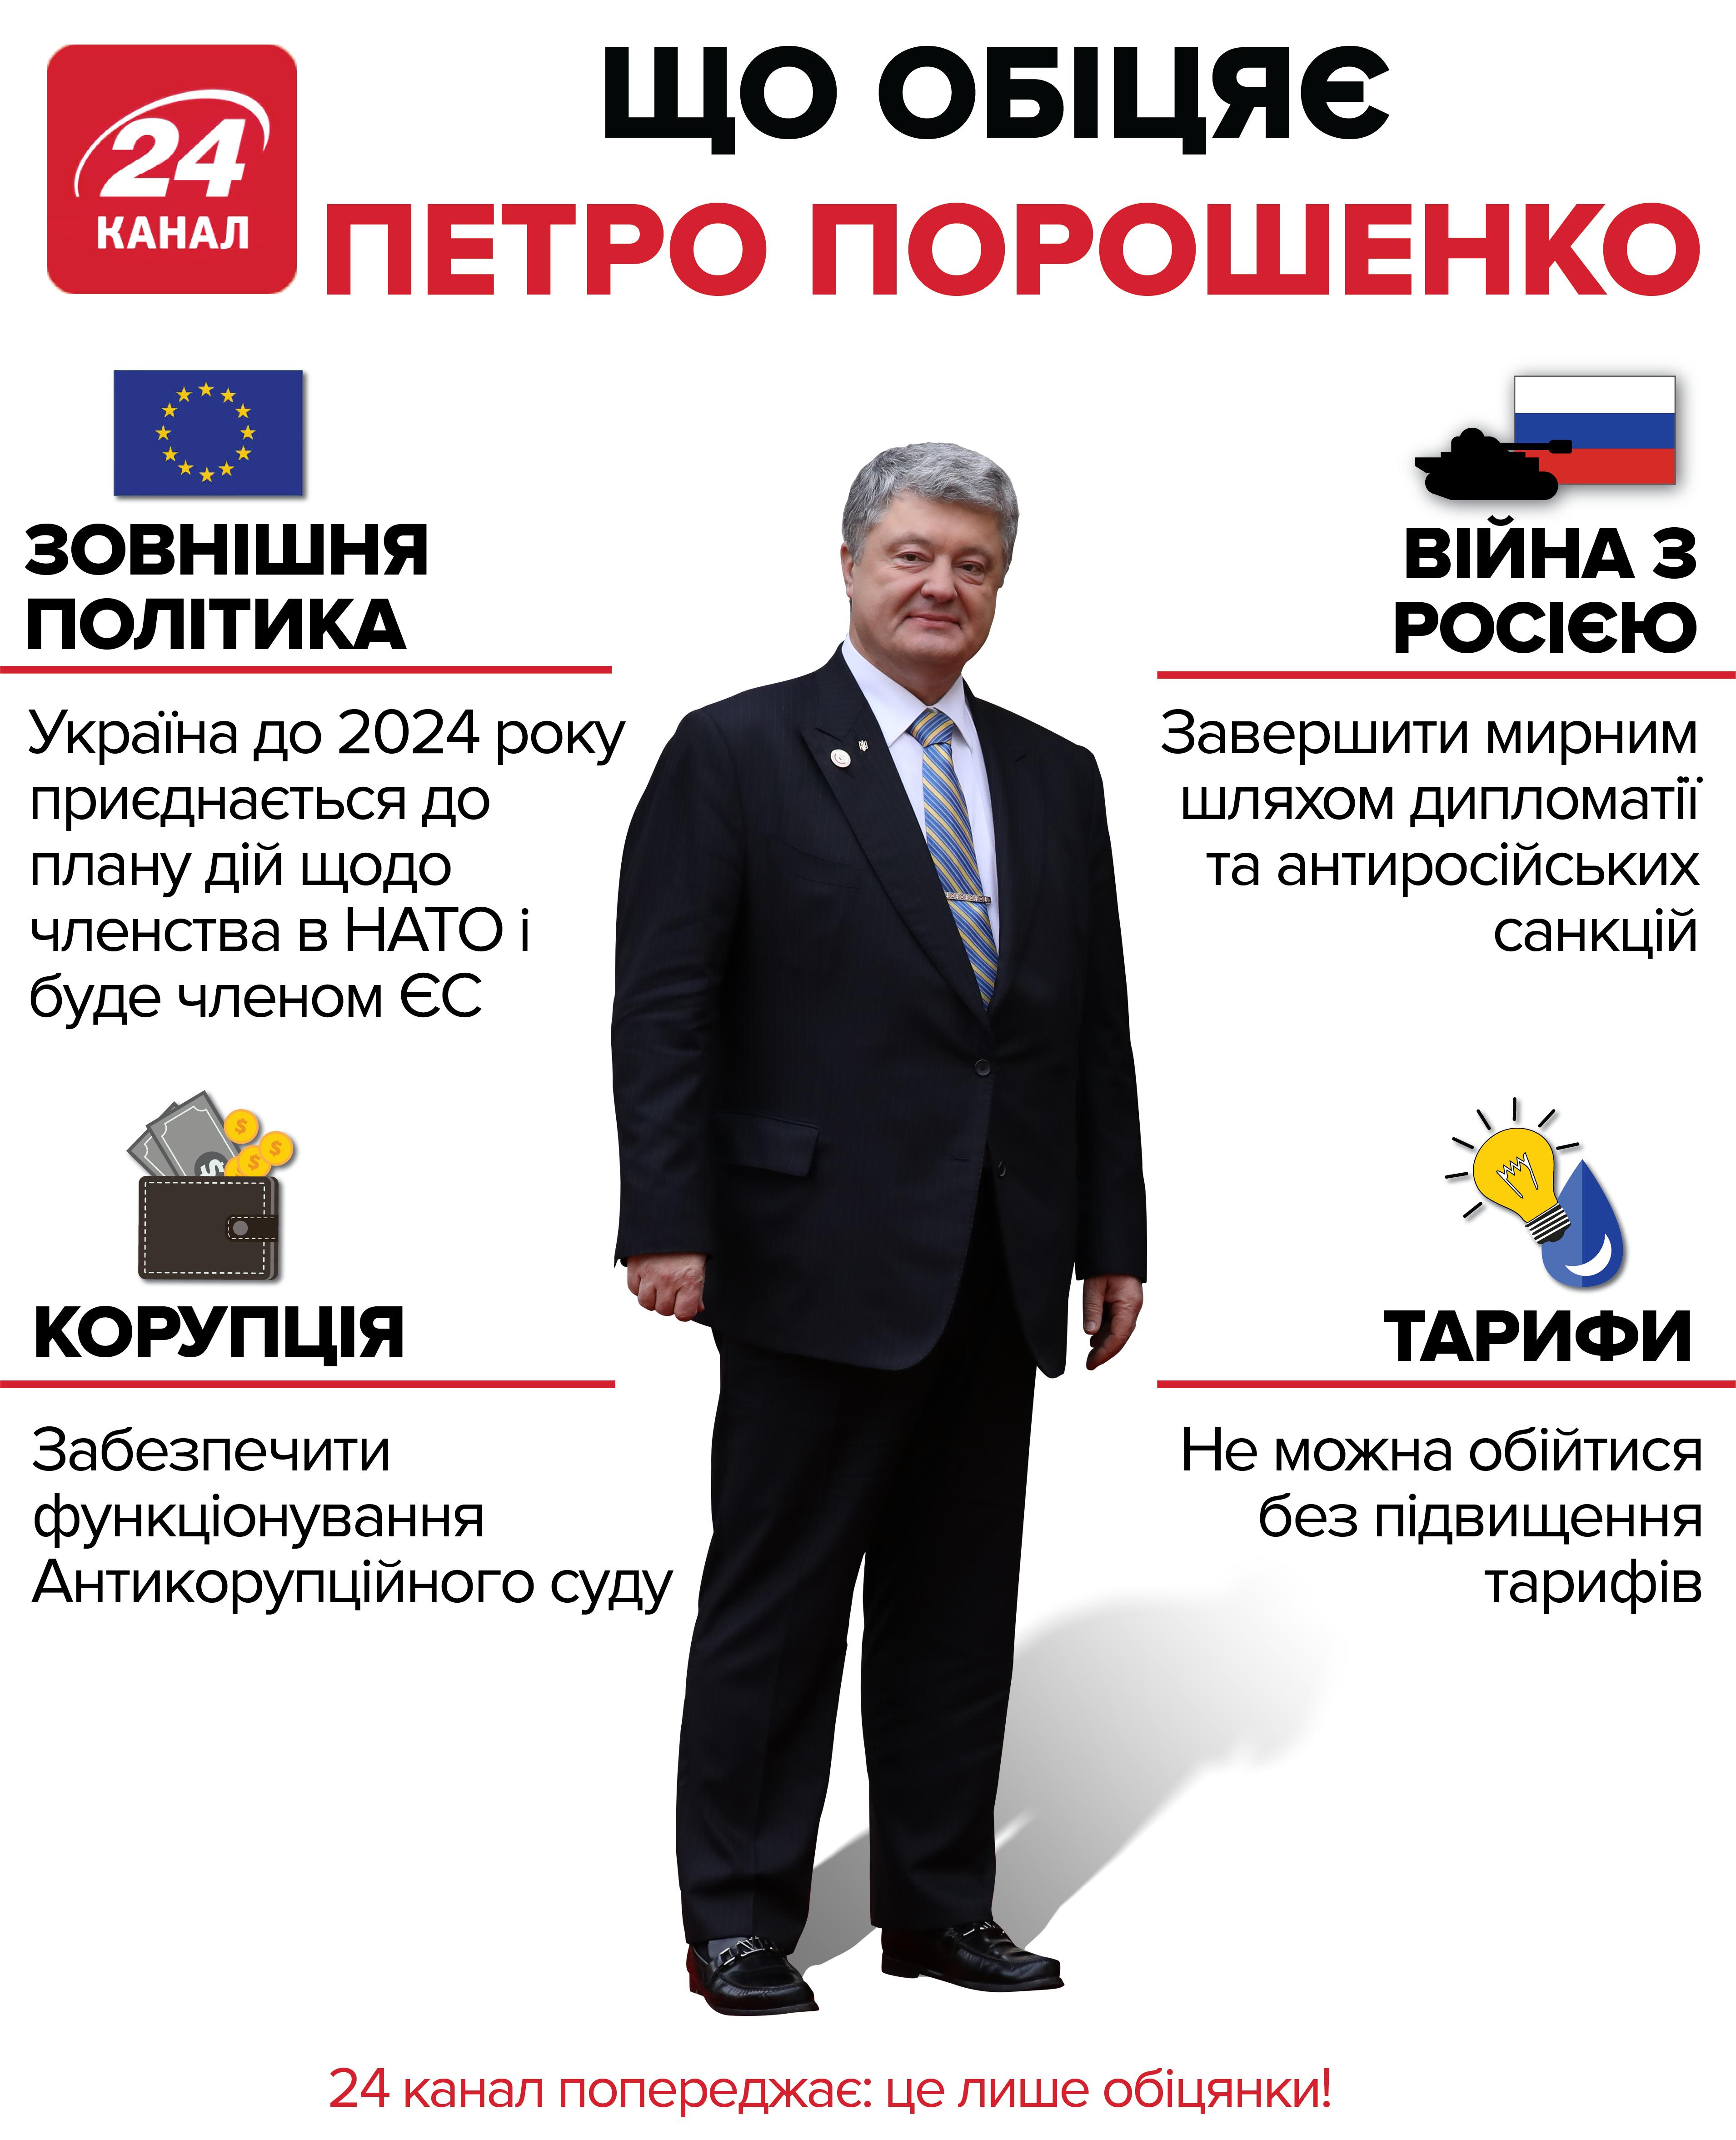 Що обіцяє кандидат у президенти Петро Порошенко